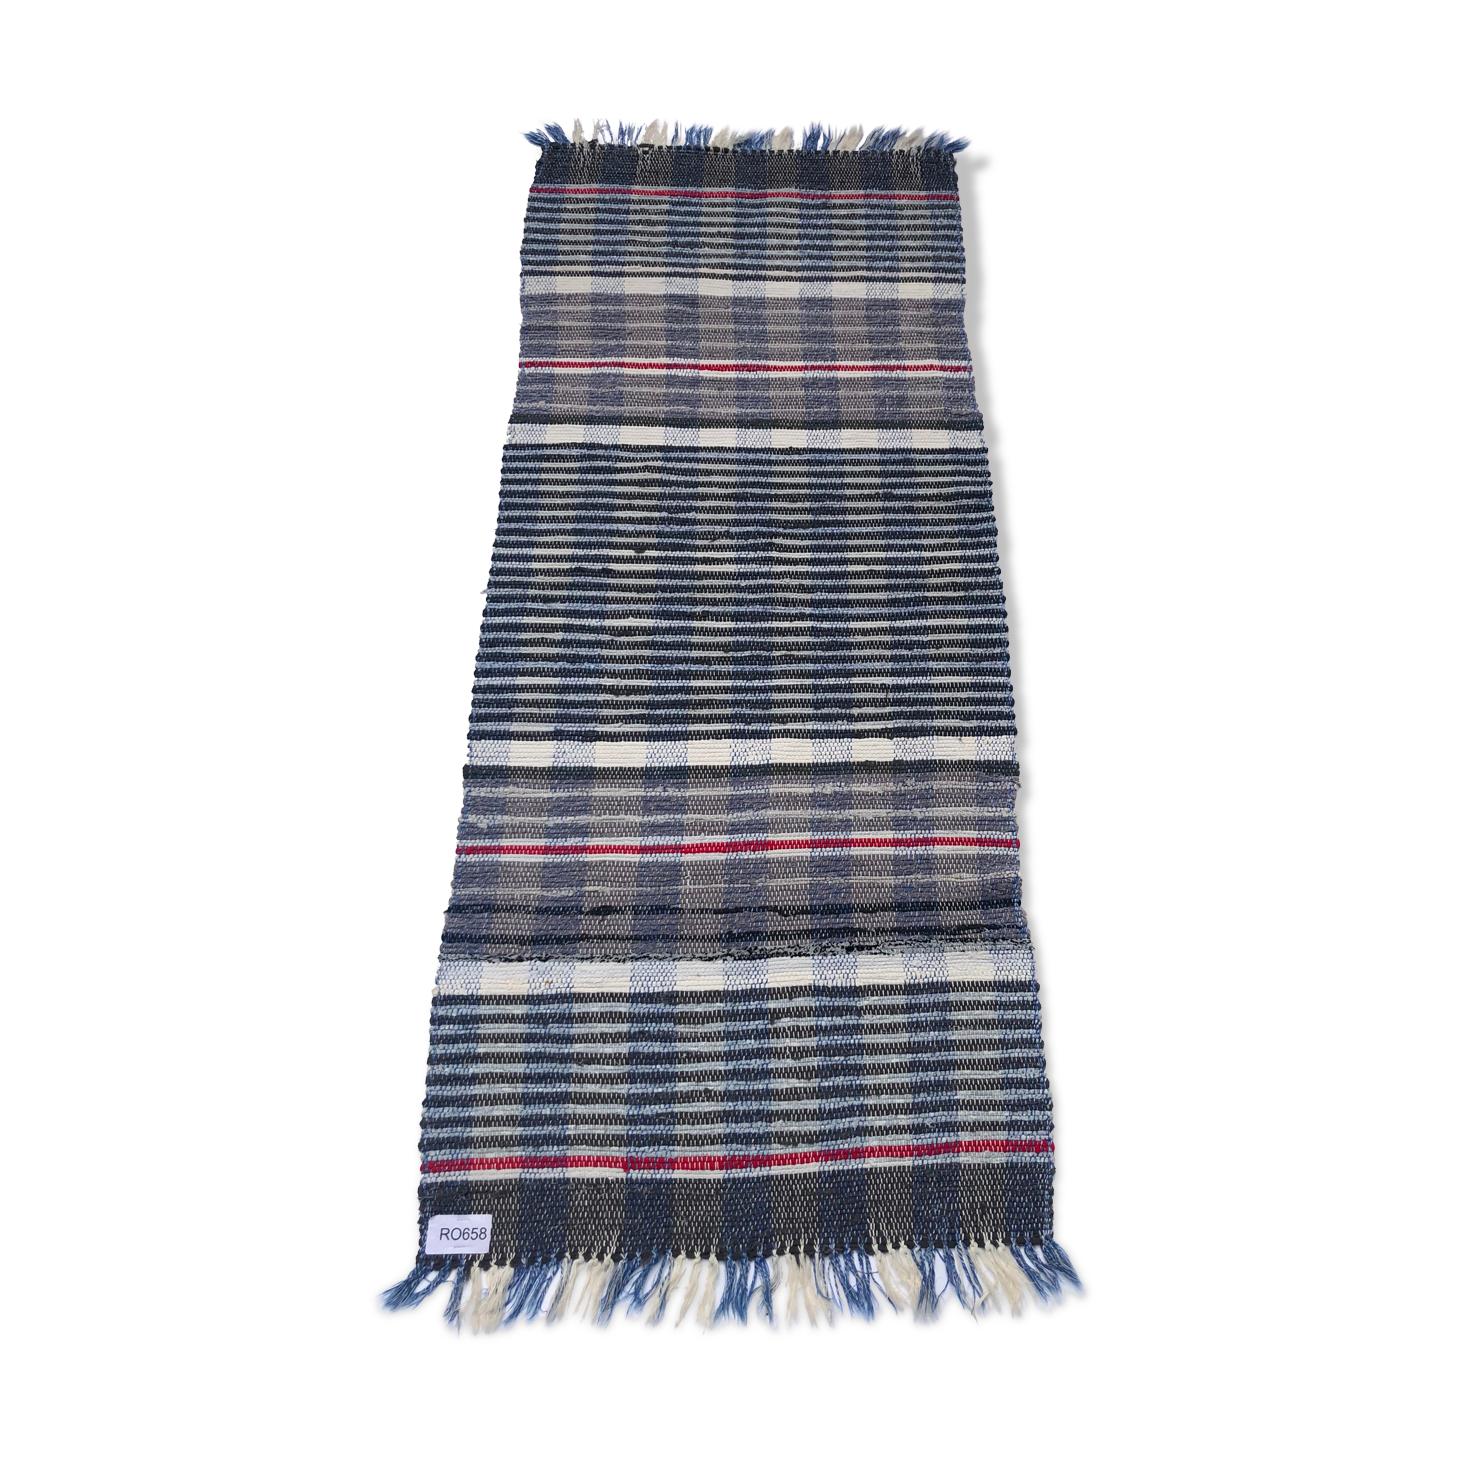 Tapis suédois tissé à la main coton artisanat multicolore bleu gris blanc rouge chiffon tapis